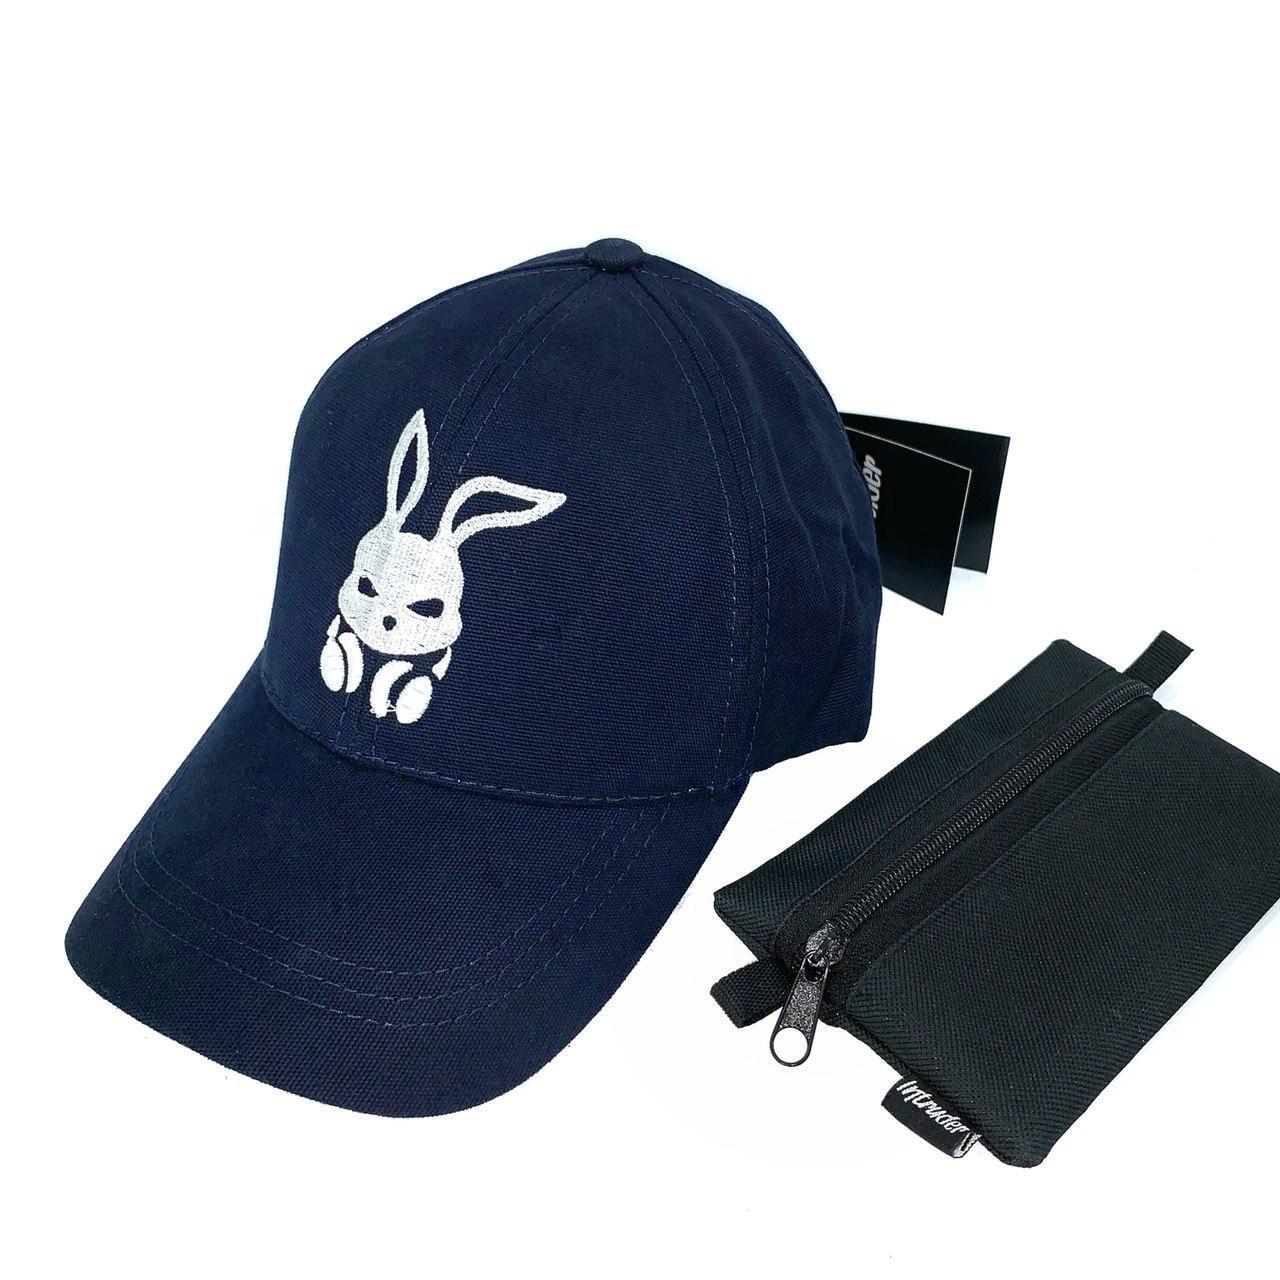 Кепка мужская Intruder bunny logo синяя Intruder